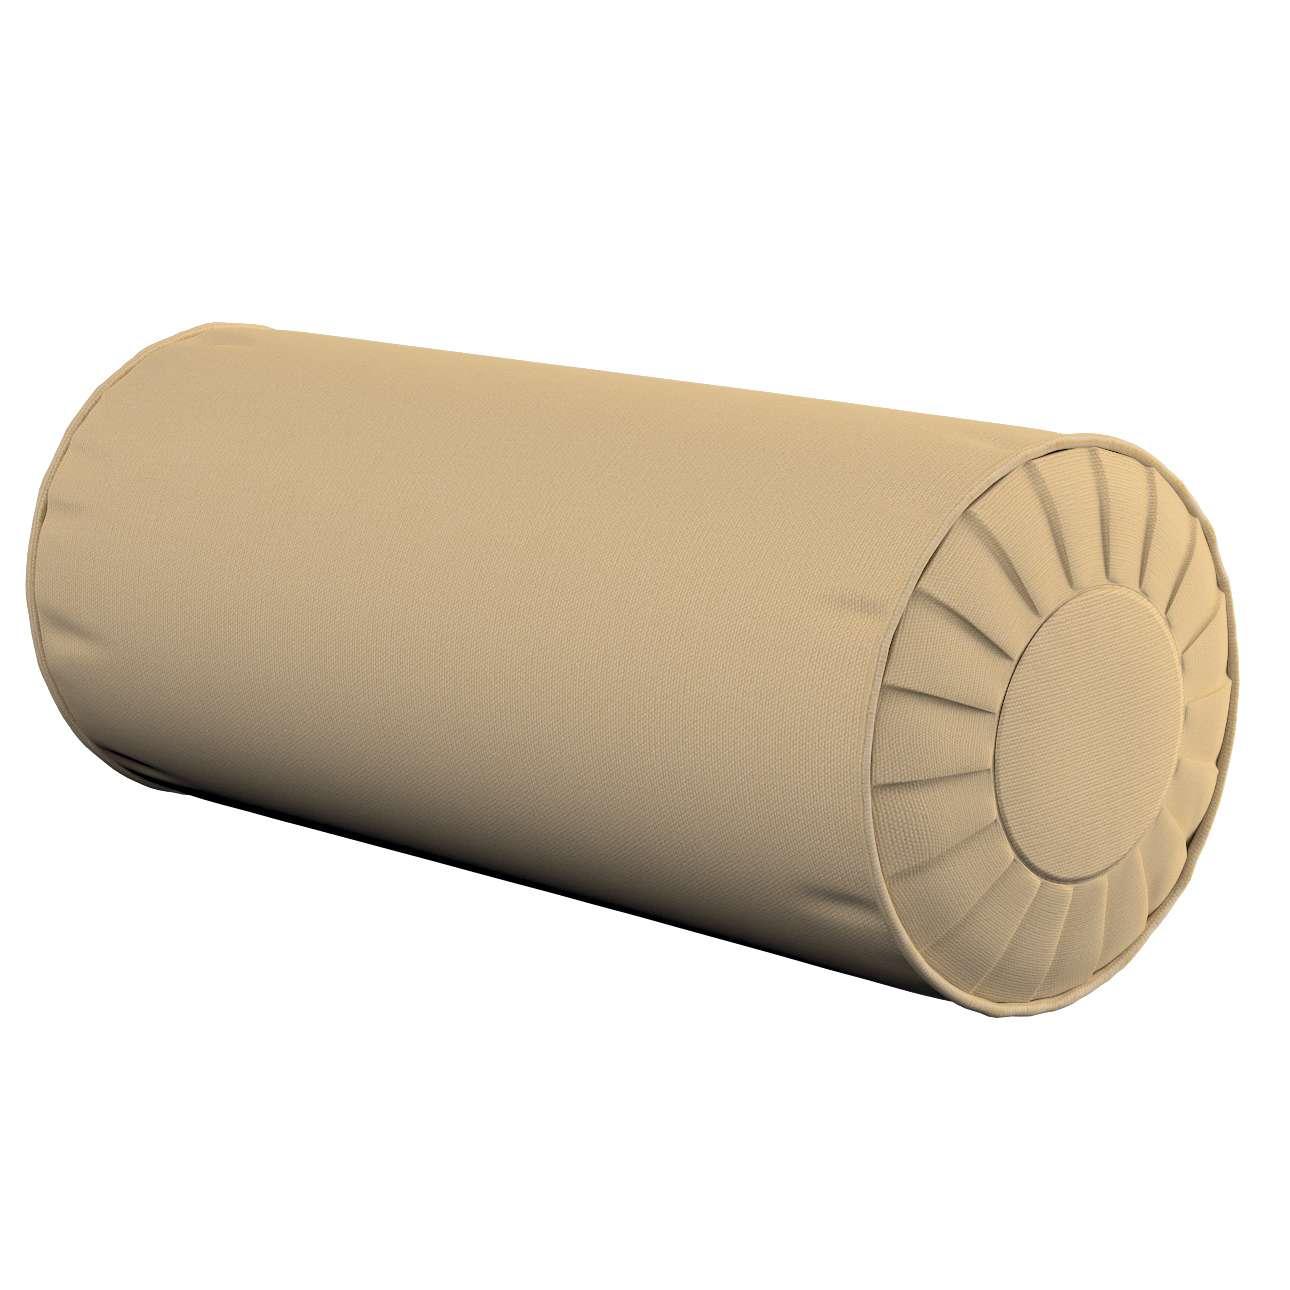 Poduszka wałek z zakładkami Ø 20 x 50 cm w kolekcji Cotton Panama, tkanina: 702-01